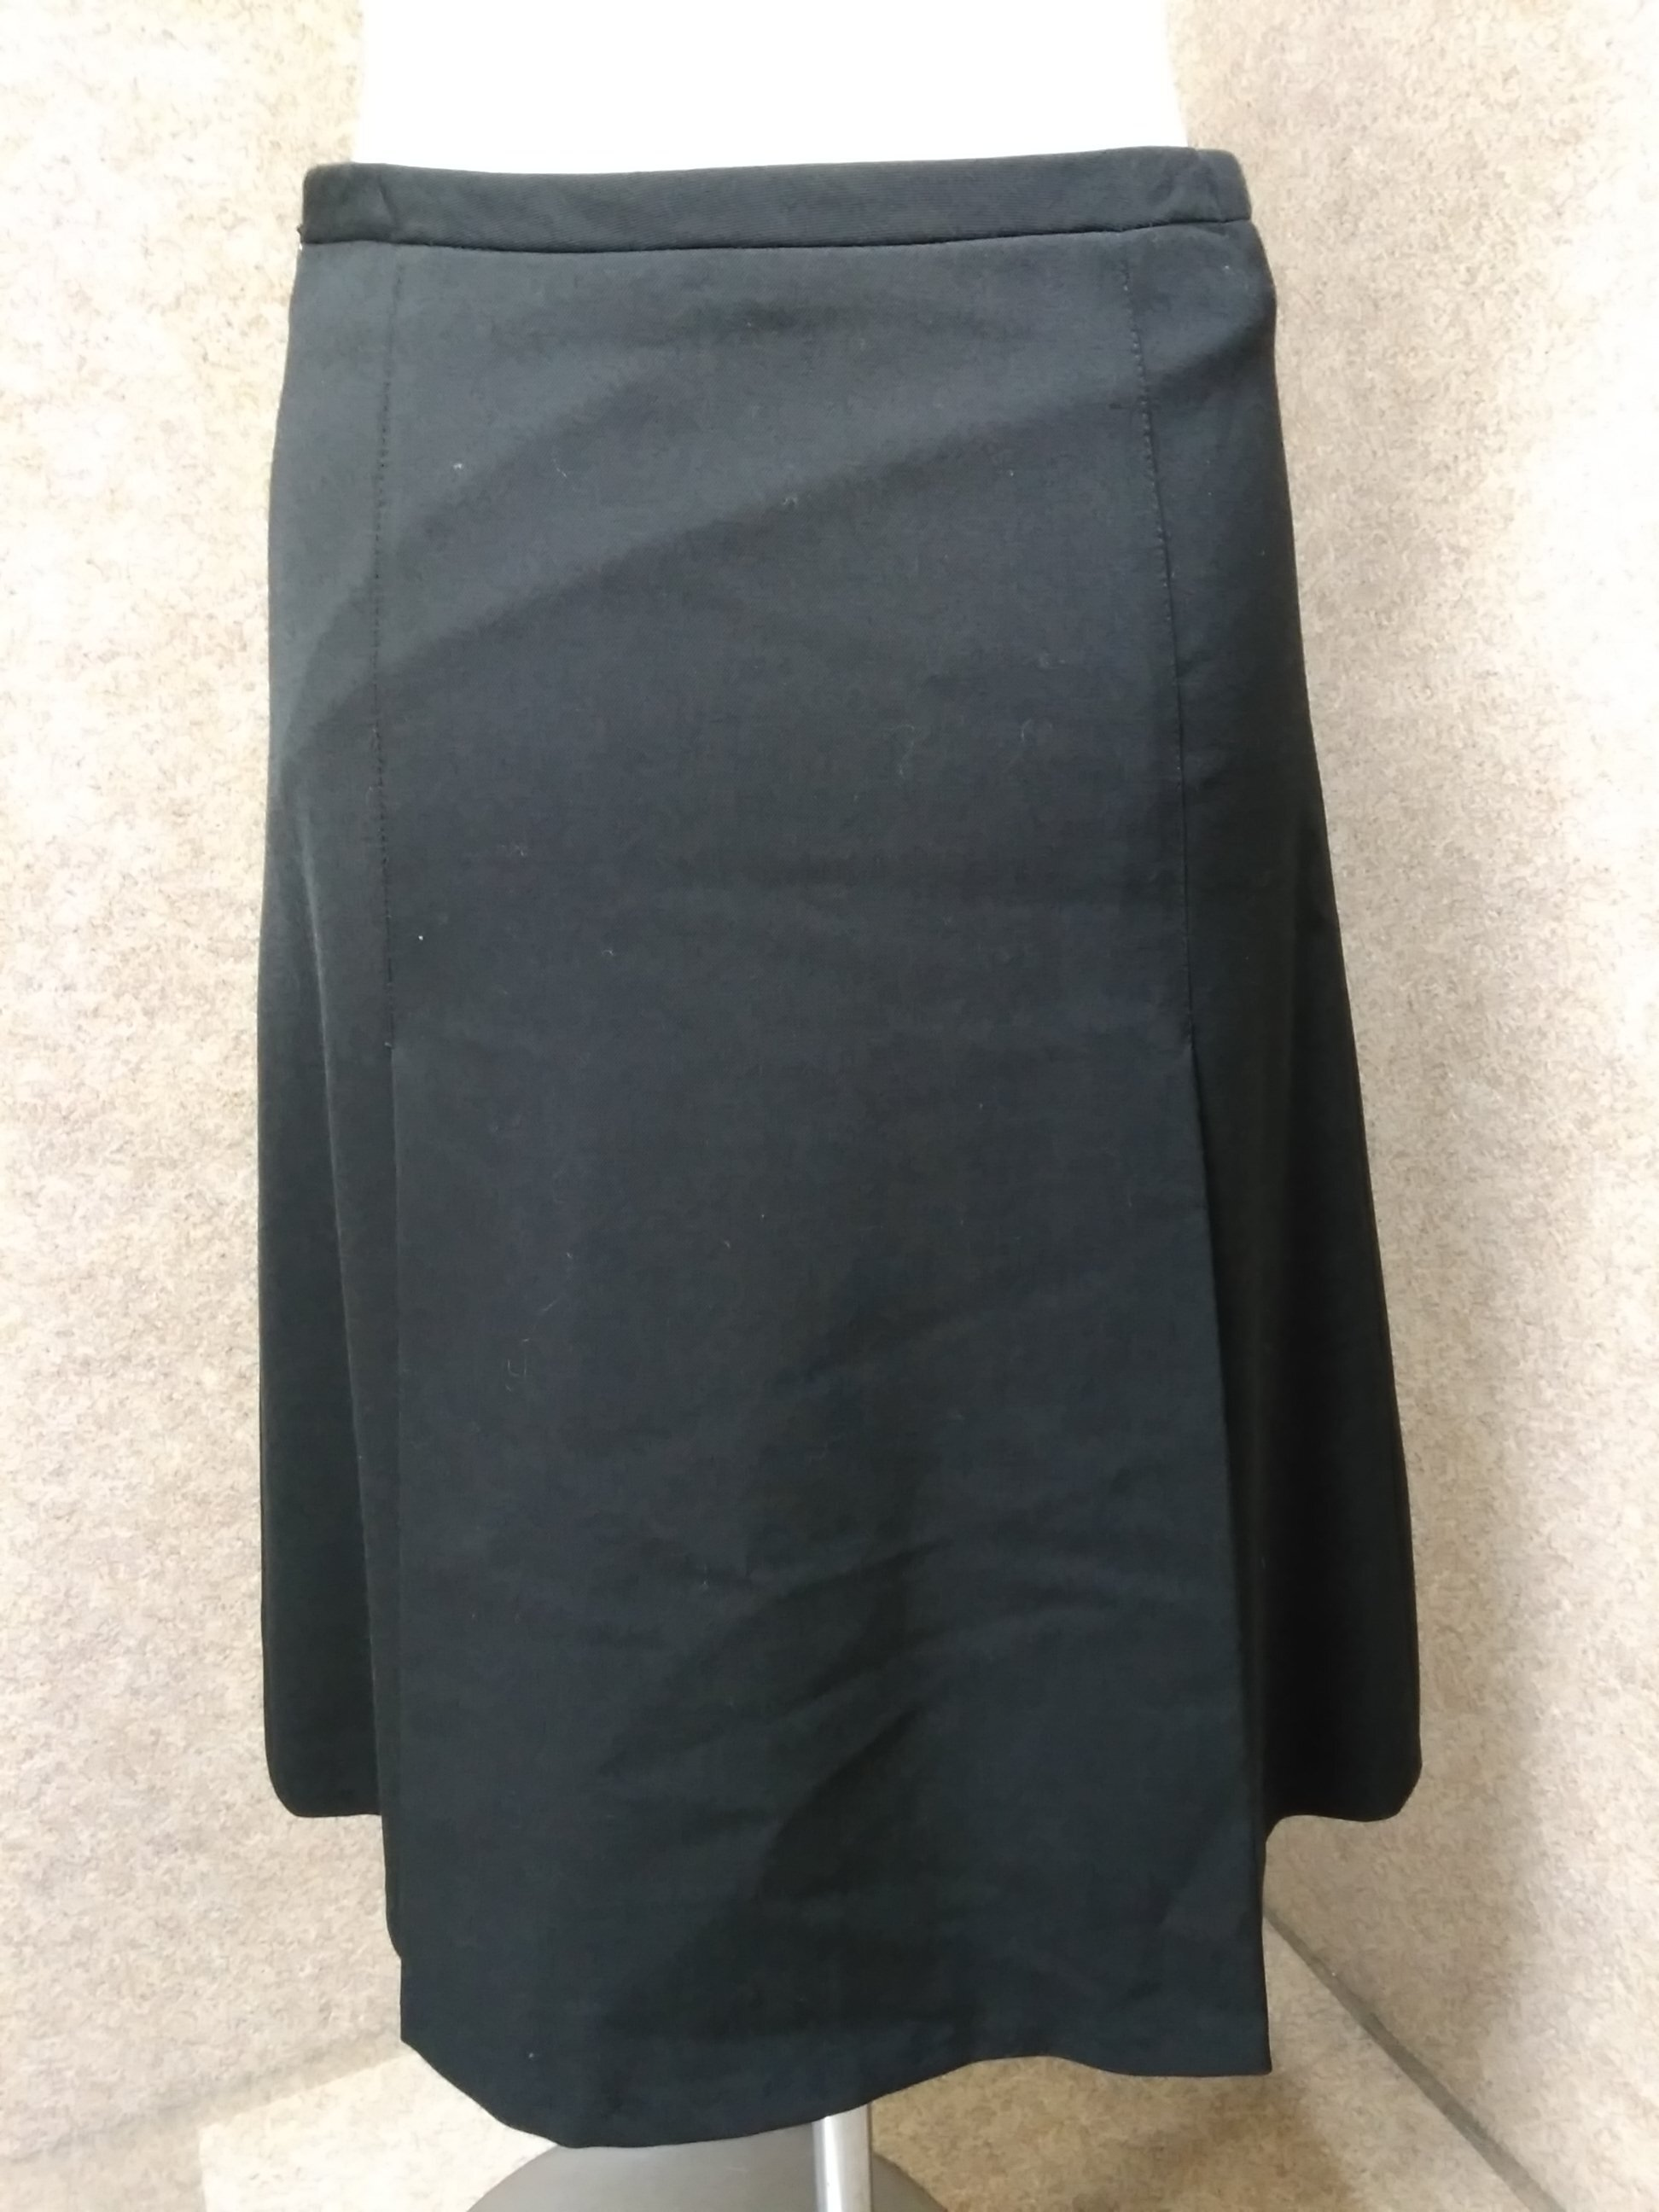 アスペジ ASPESI スカート 黒 38 イタリア製 mu803e